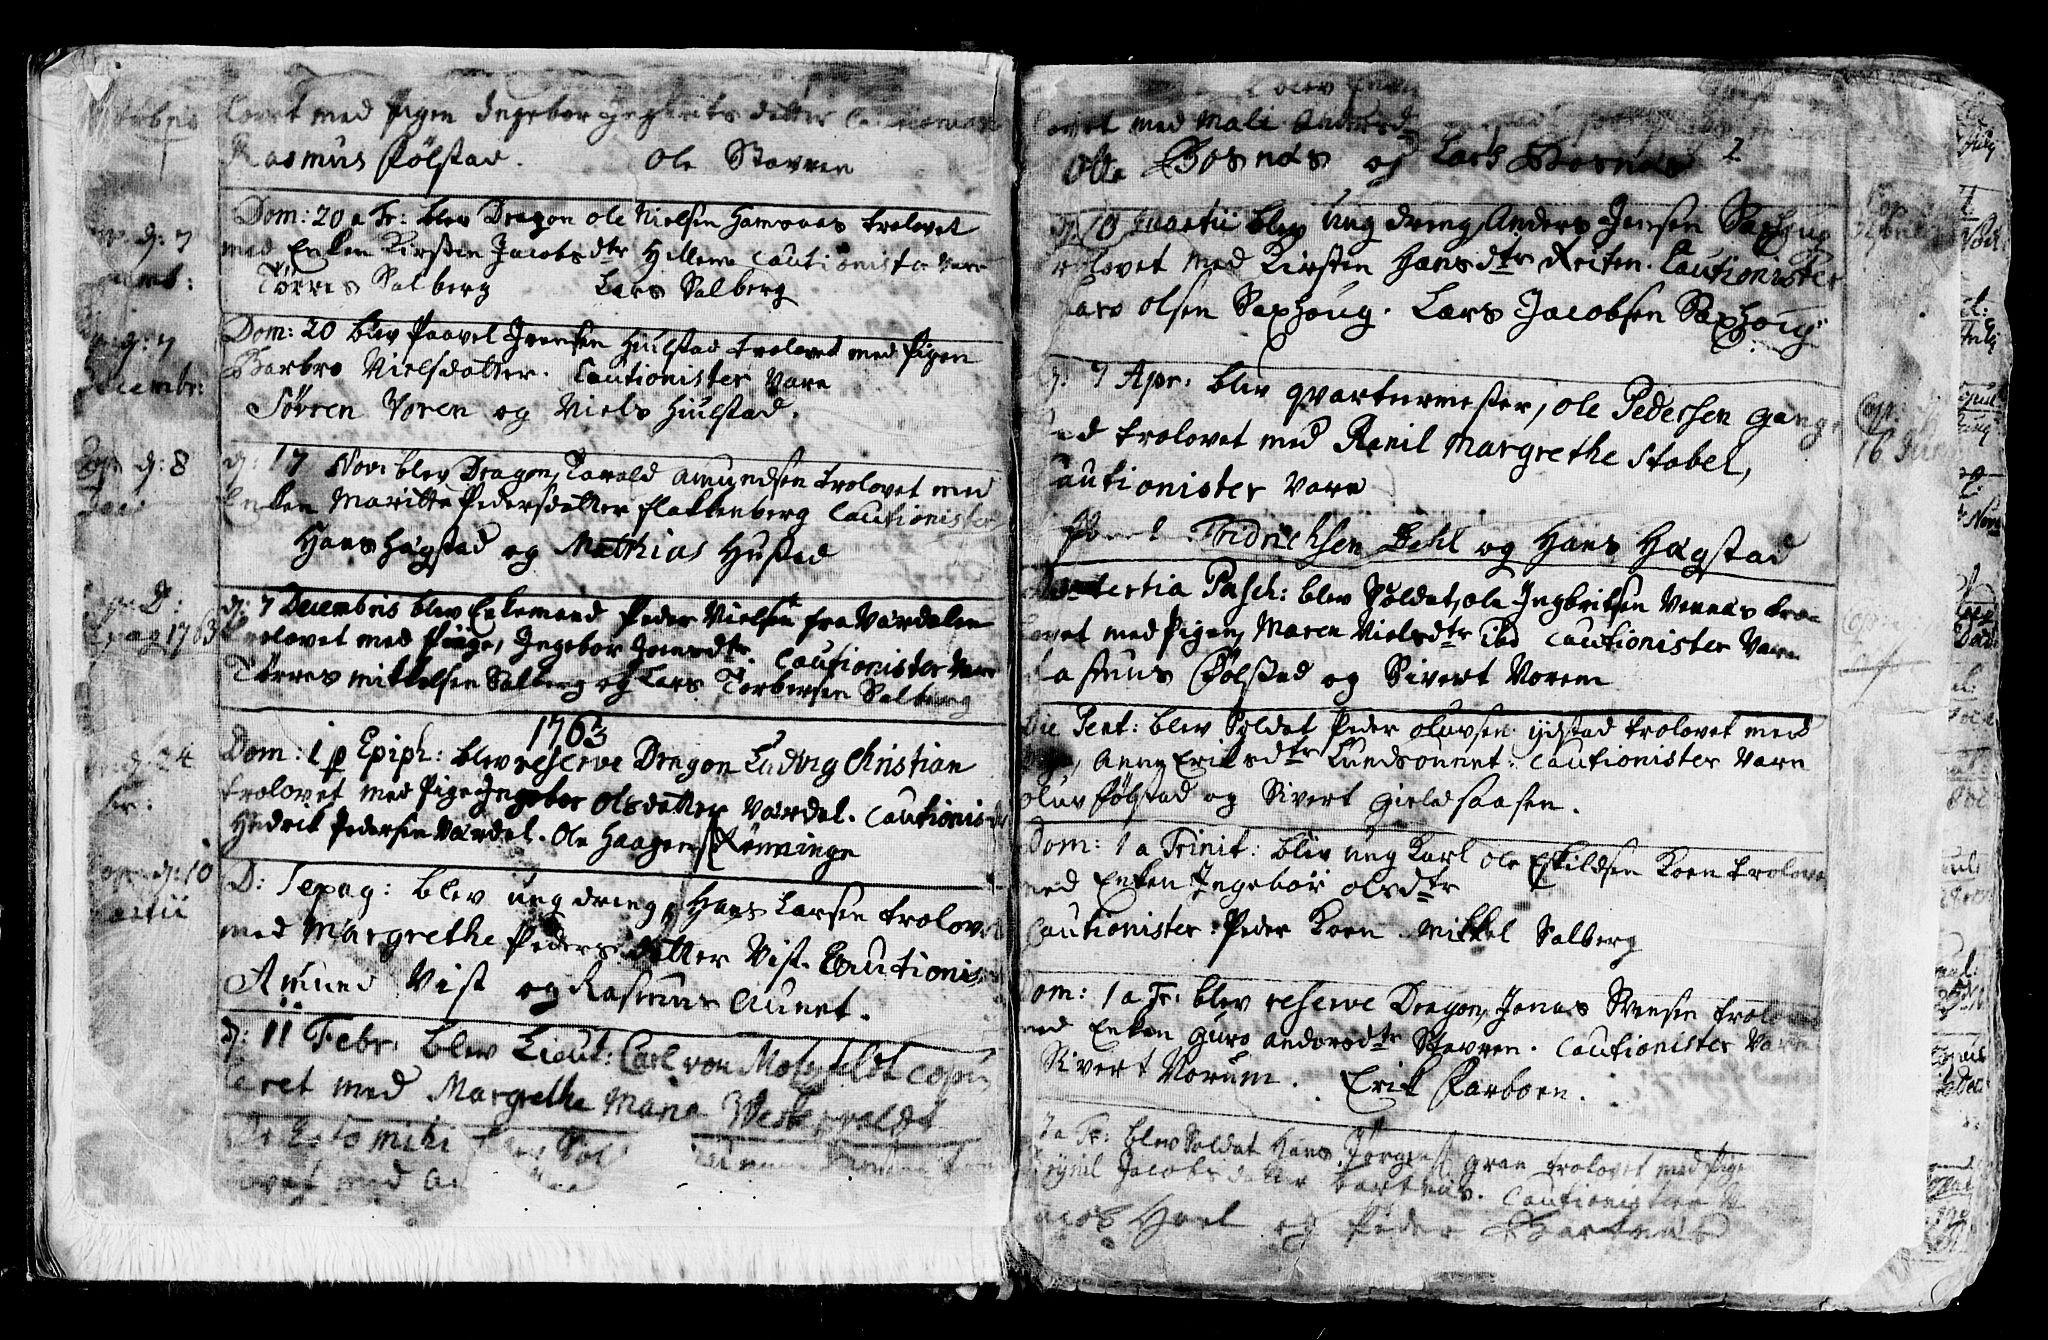 SAT, Ministerialprotokoller, klokkerbøker og fødselsregistre - Nord-Trøndelag, 730/L0273: Ministerialbok nr. 730A02, 1762-1802, s. 2